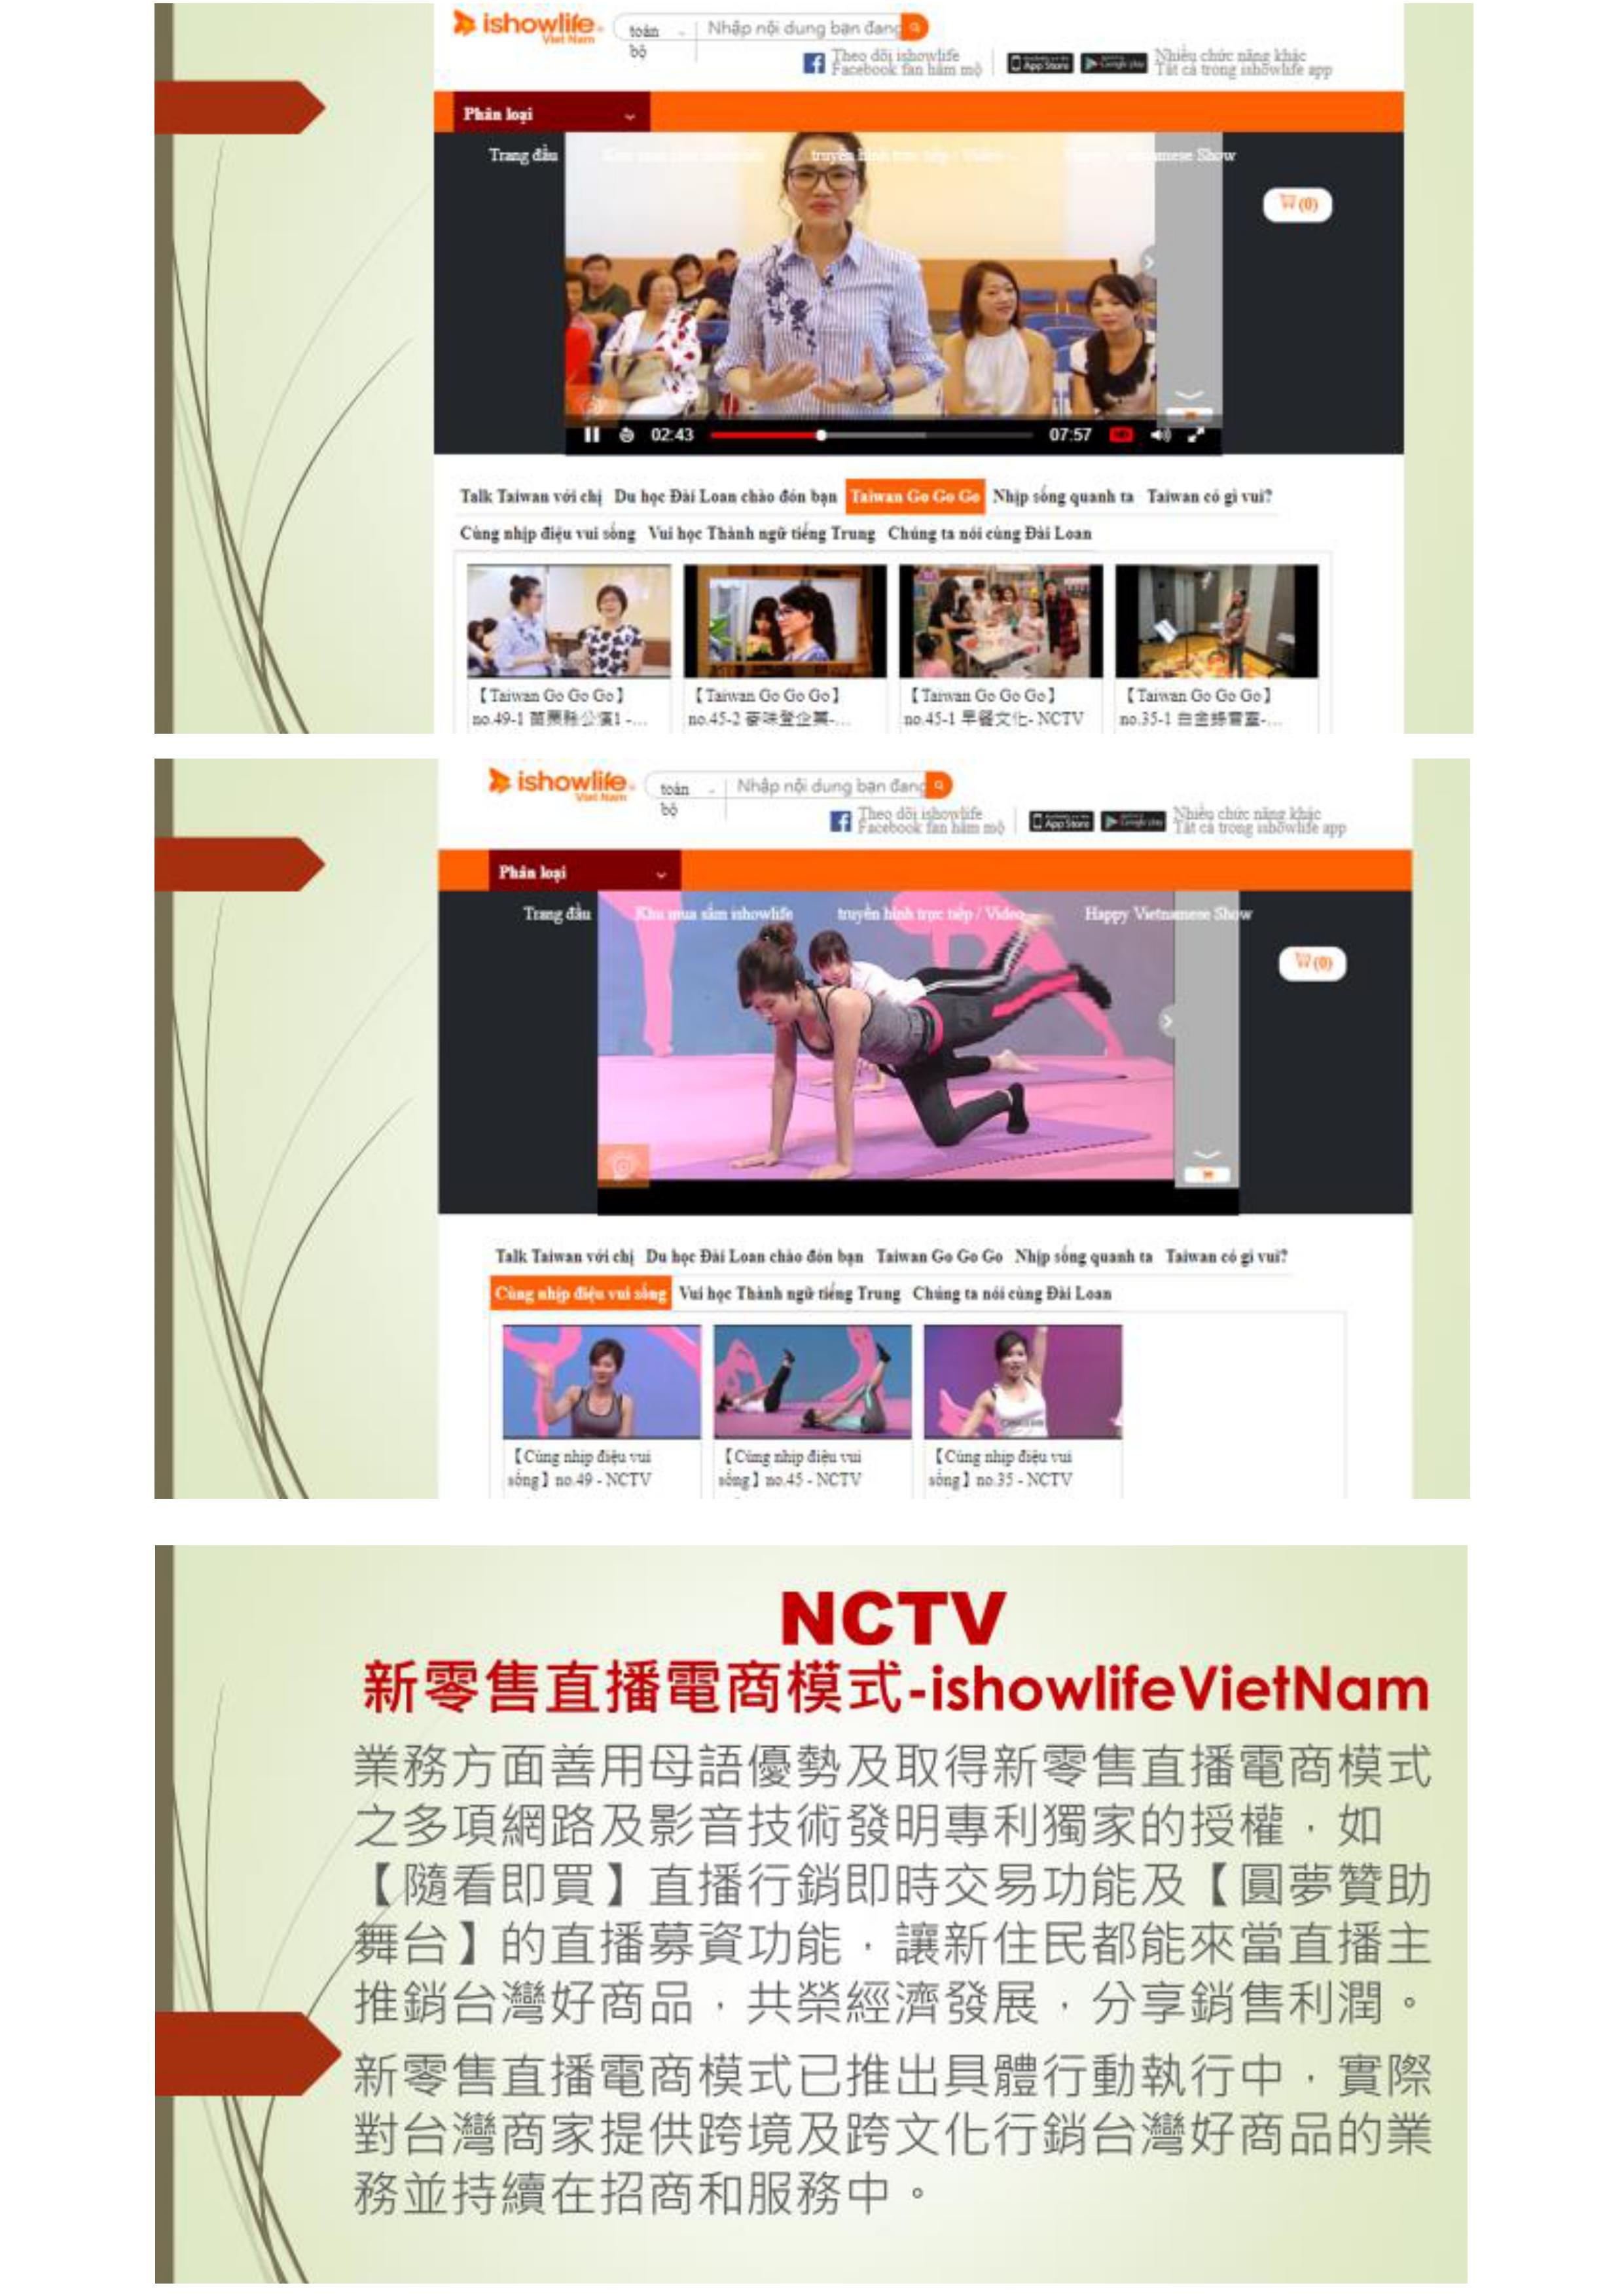 0013.jpg - 陳凰鳳與越藝之星-Ngôi sao Việt tại Đài Loan-NCTV台灣新住民媒體